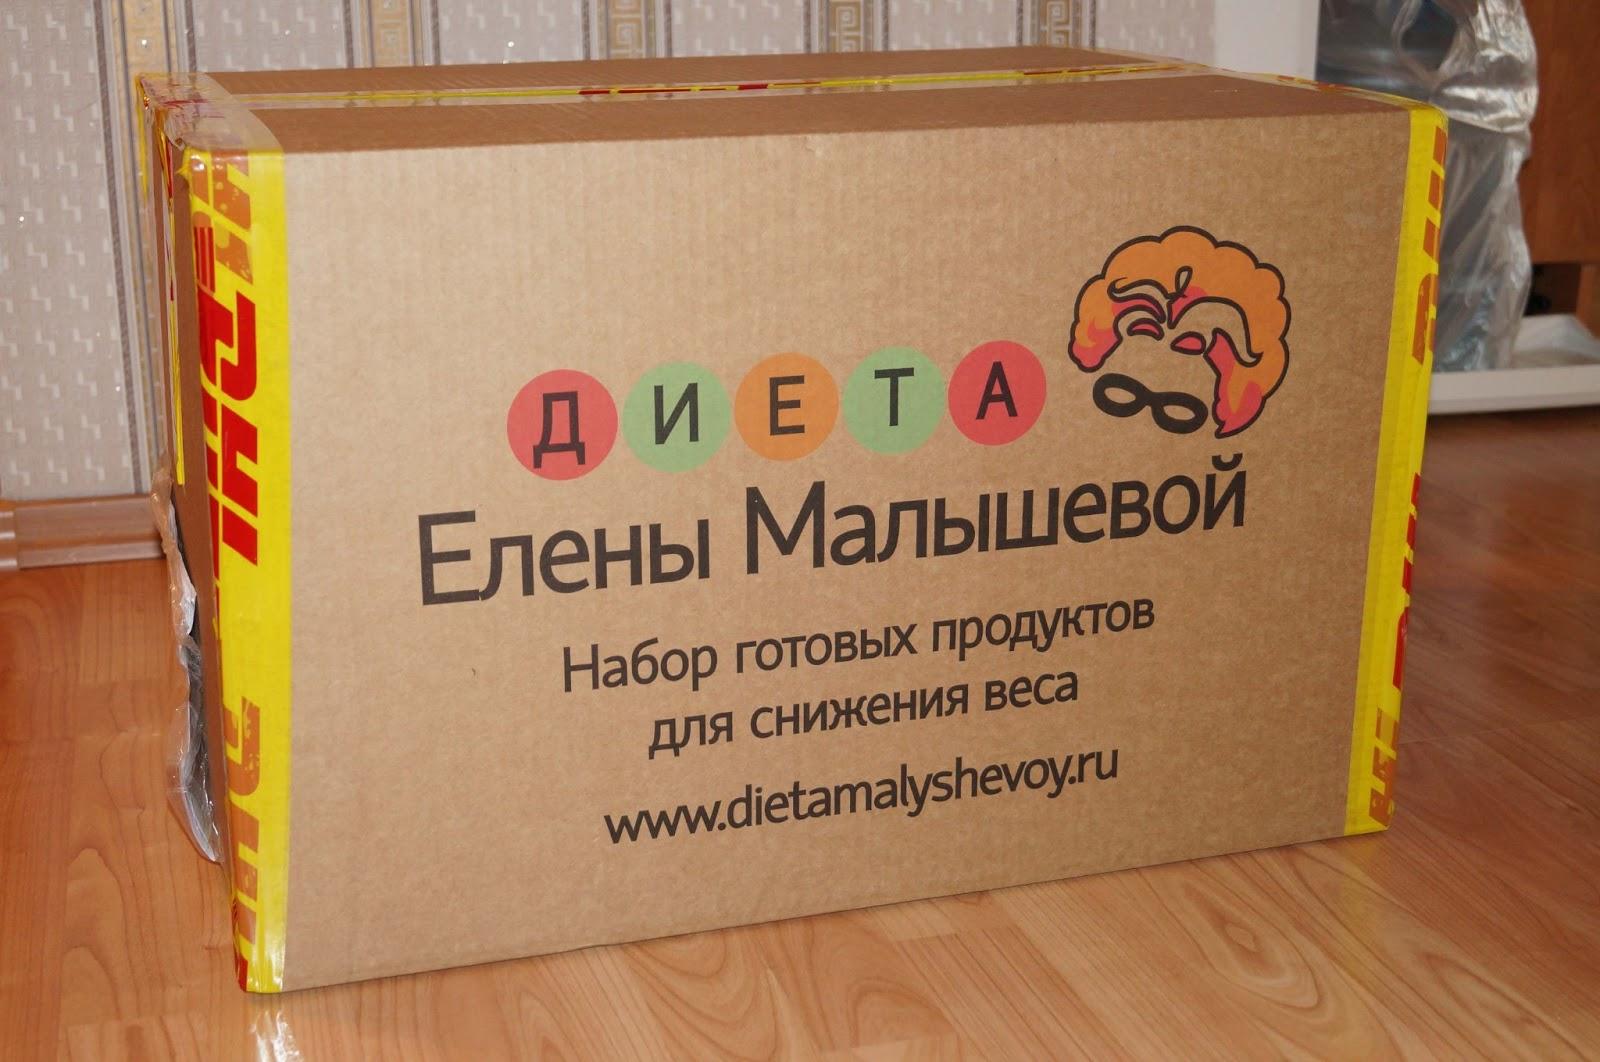 http://4.bp.blogspot.com/-5gQswgXKgkI/UUxV8FtwDqI/AAAAAAADGLc/jxdC_3FZeOA/s1600/DSC00065.jpg